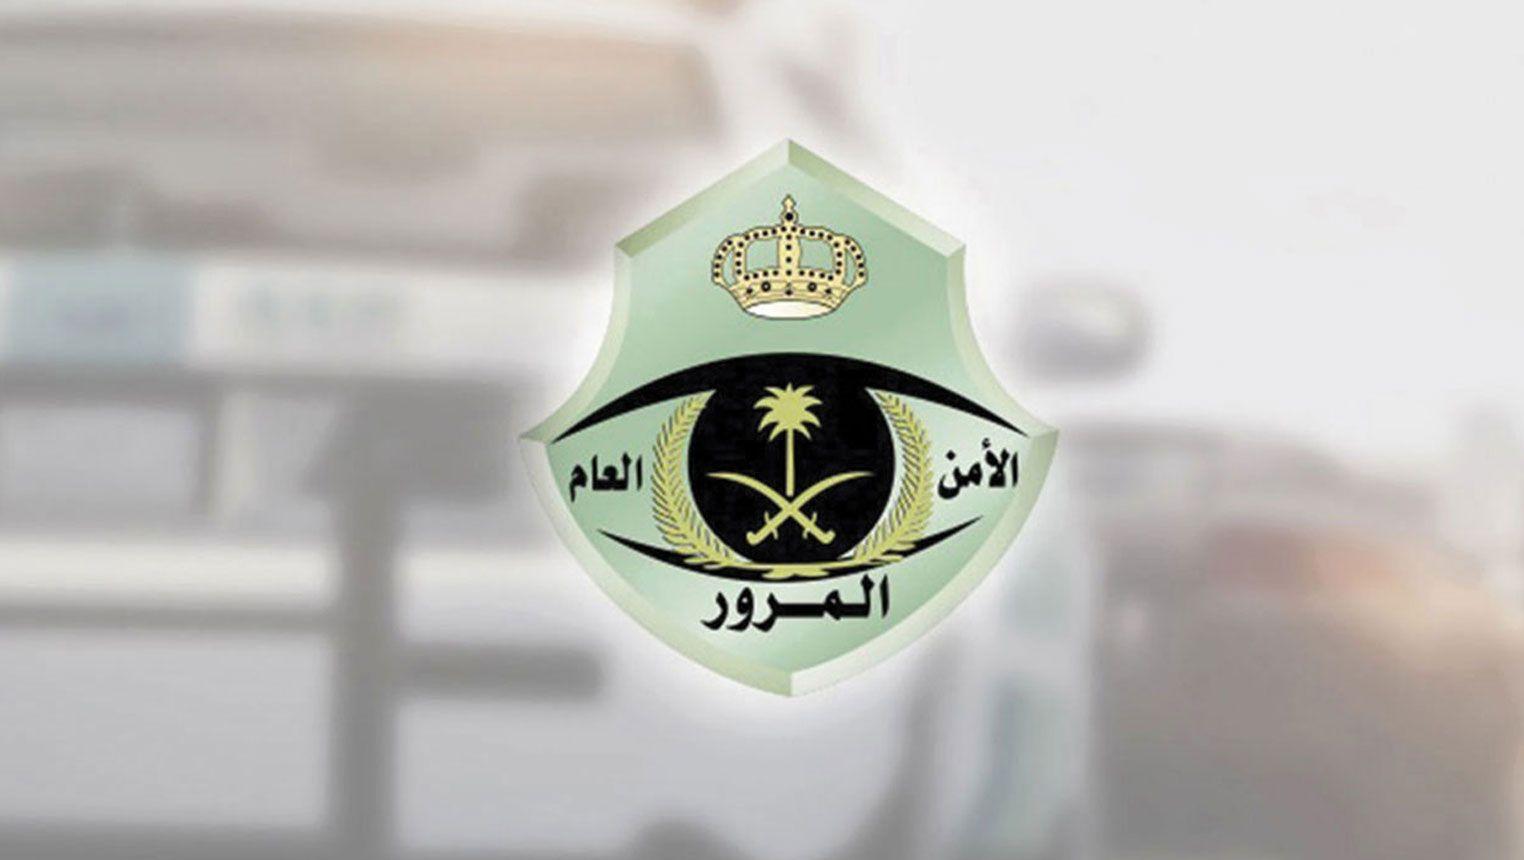 السعودية شرطة المرور توجه تحذيرات عاجلة وجديدة للمواطنيين